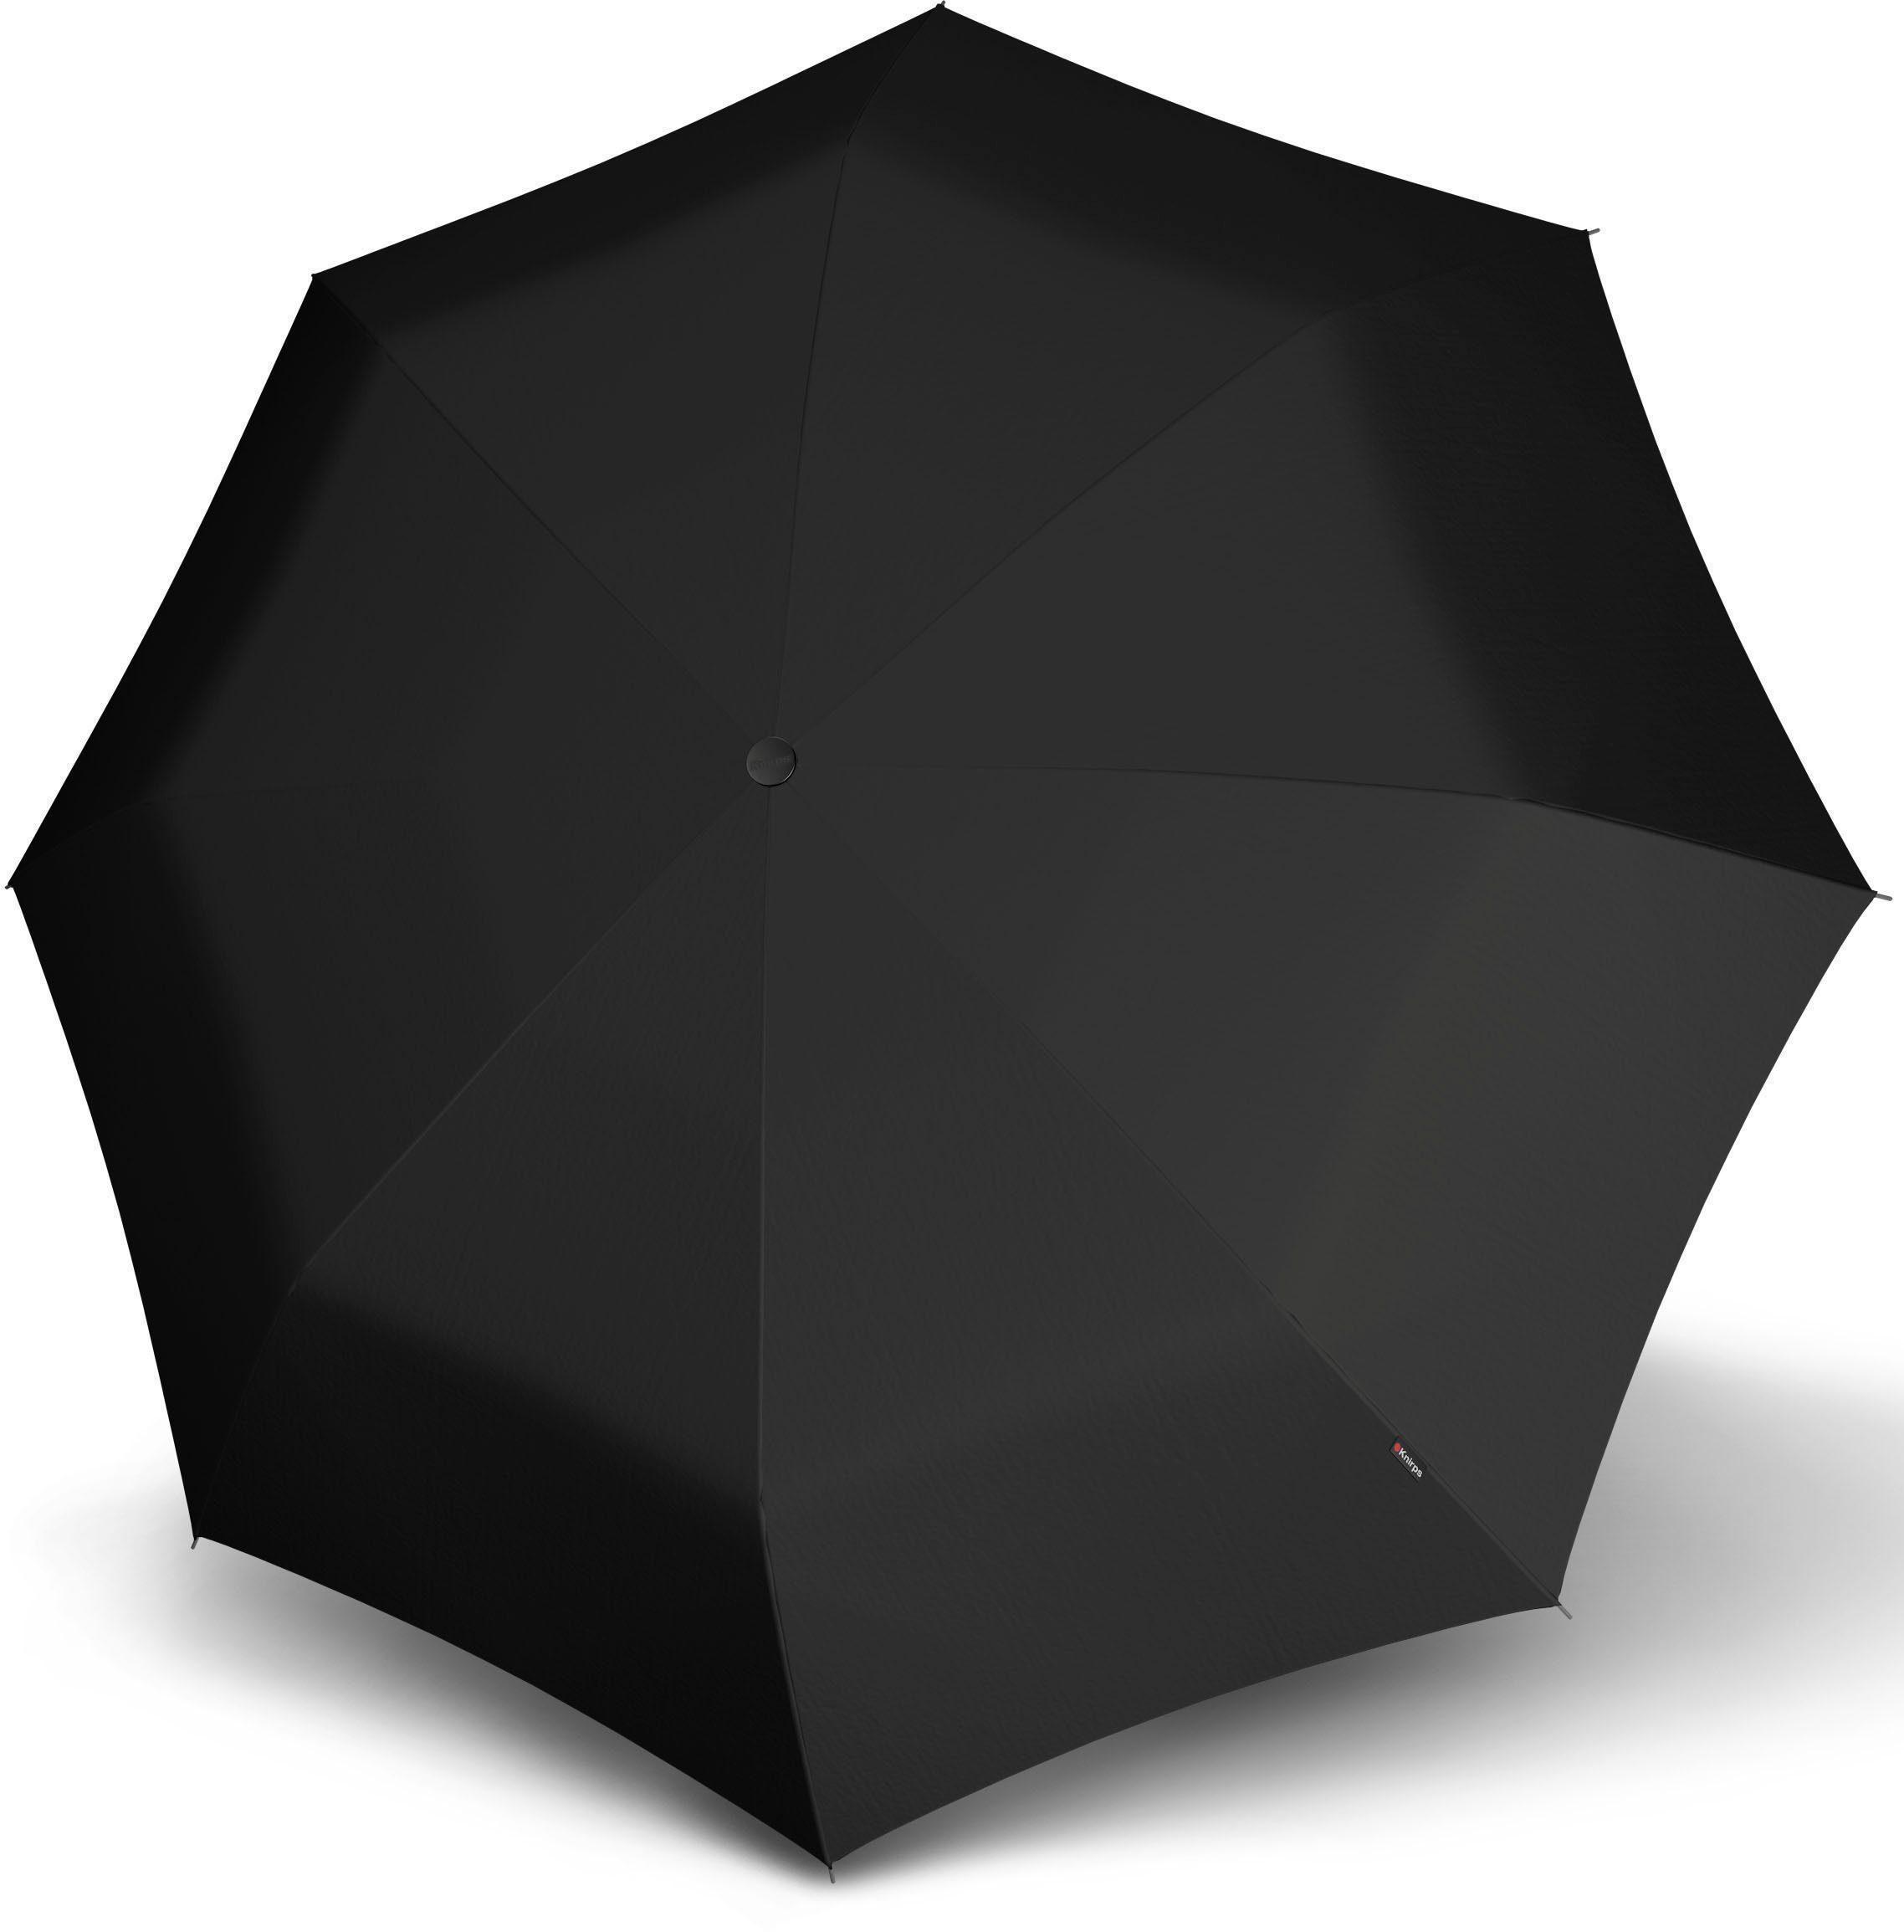 Knirps® Regenschirm, »Taschenschirm Topmatic SL crook RHG schwarz«